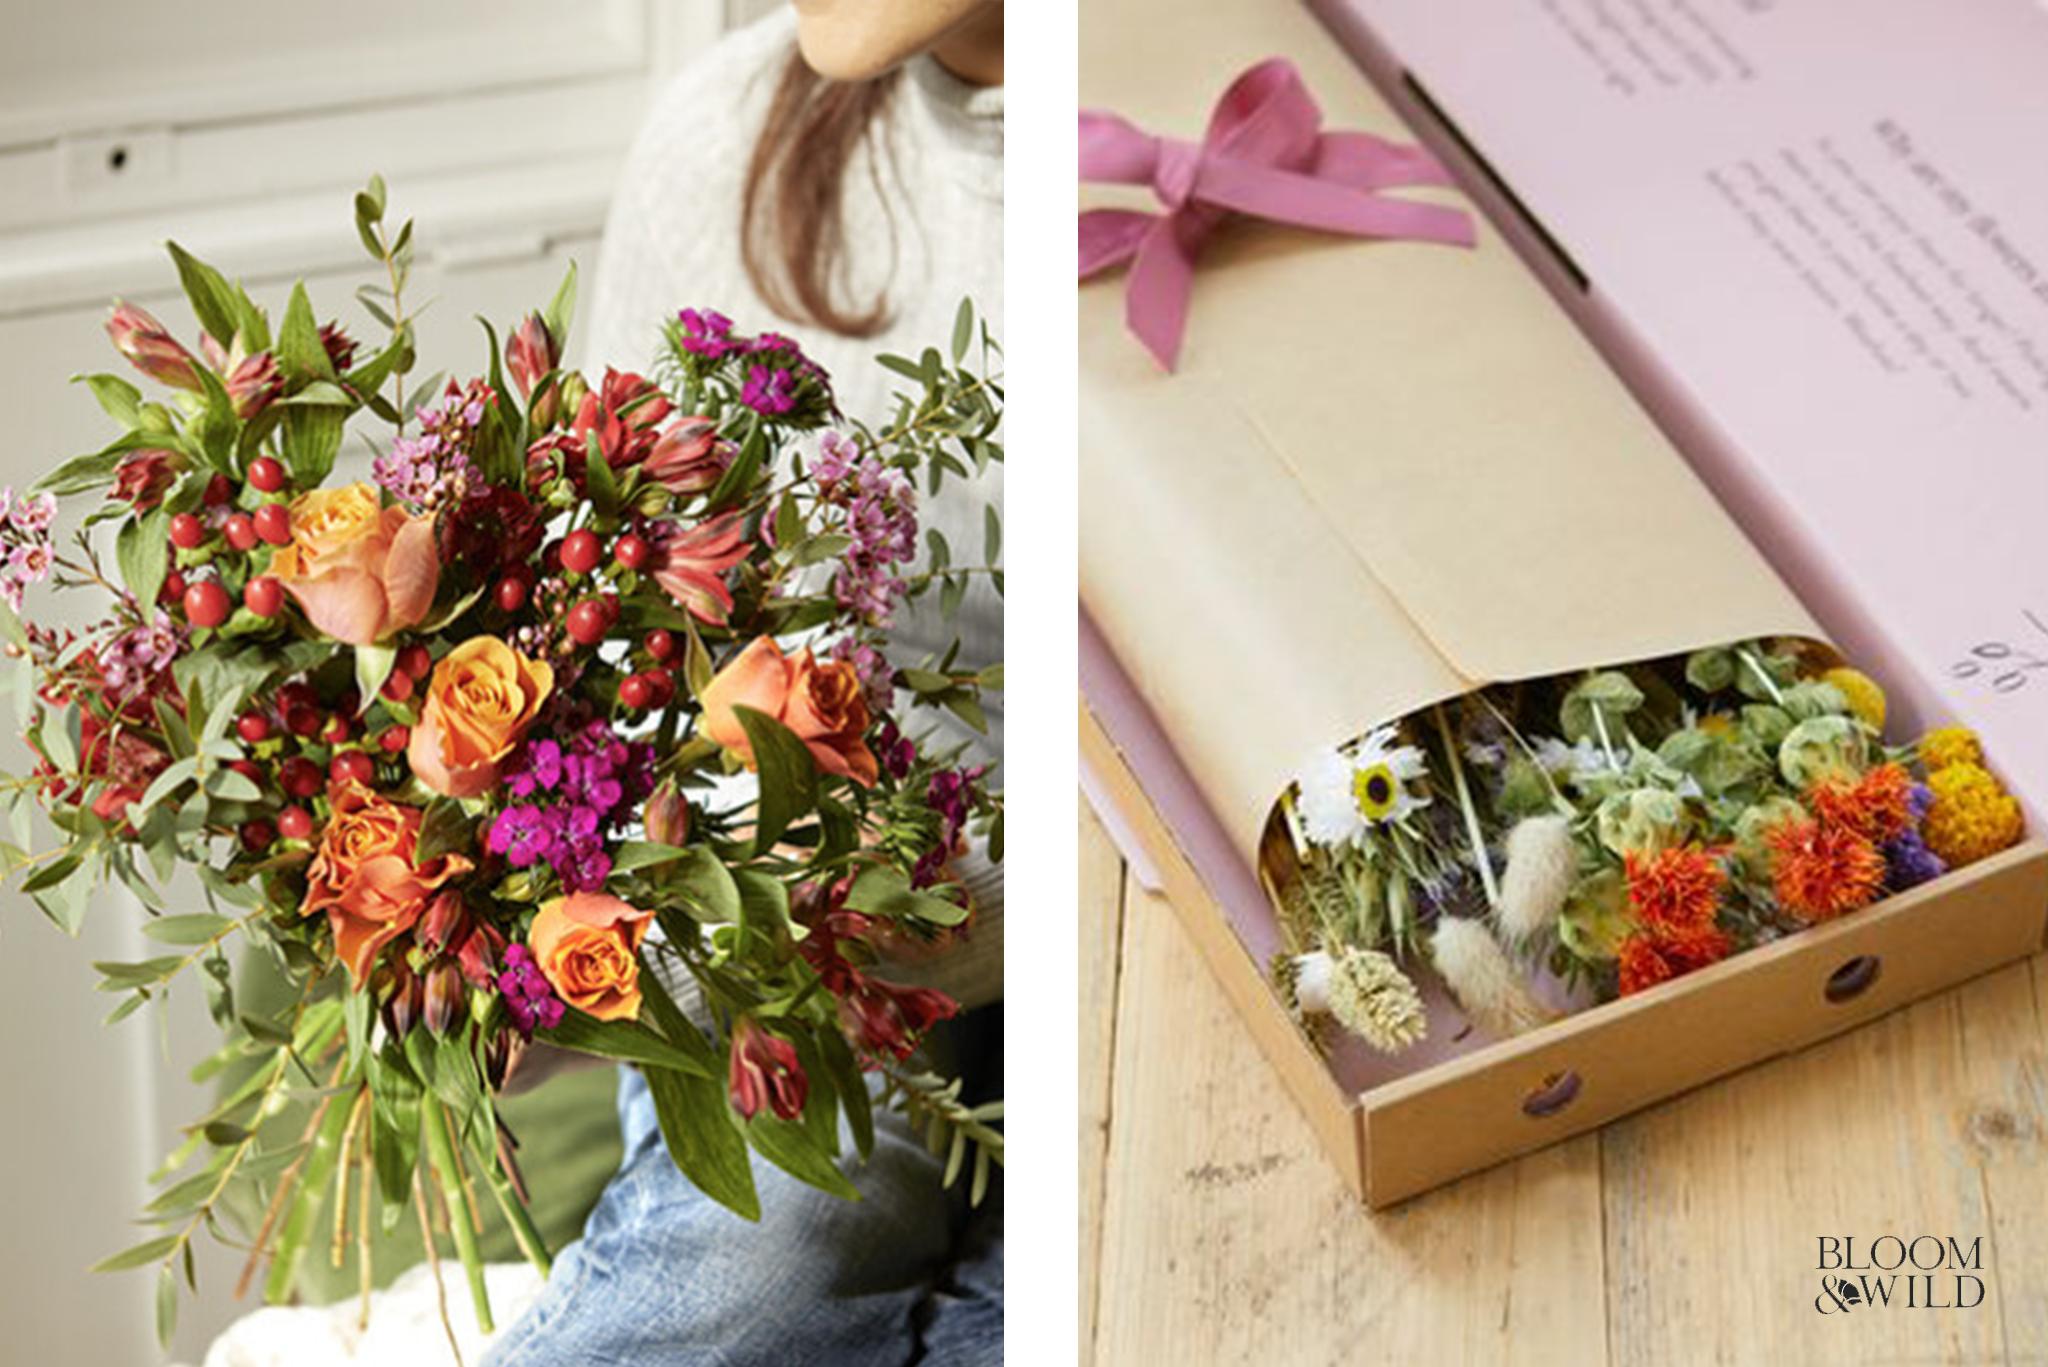 Jetzt wirds blumig – bring mehr Farbe in Dein Zuhause mit Bloom & Wild!